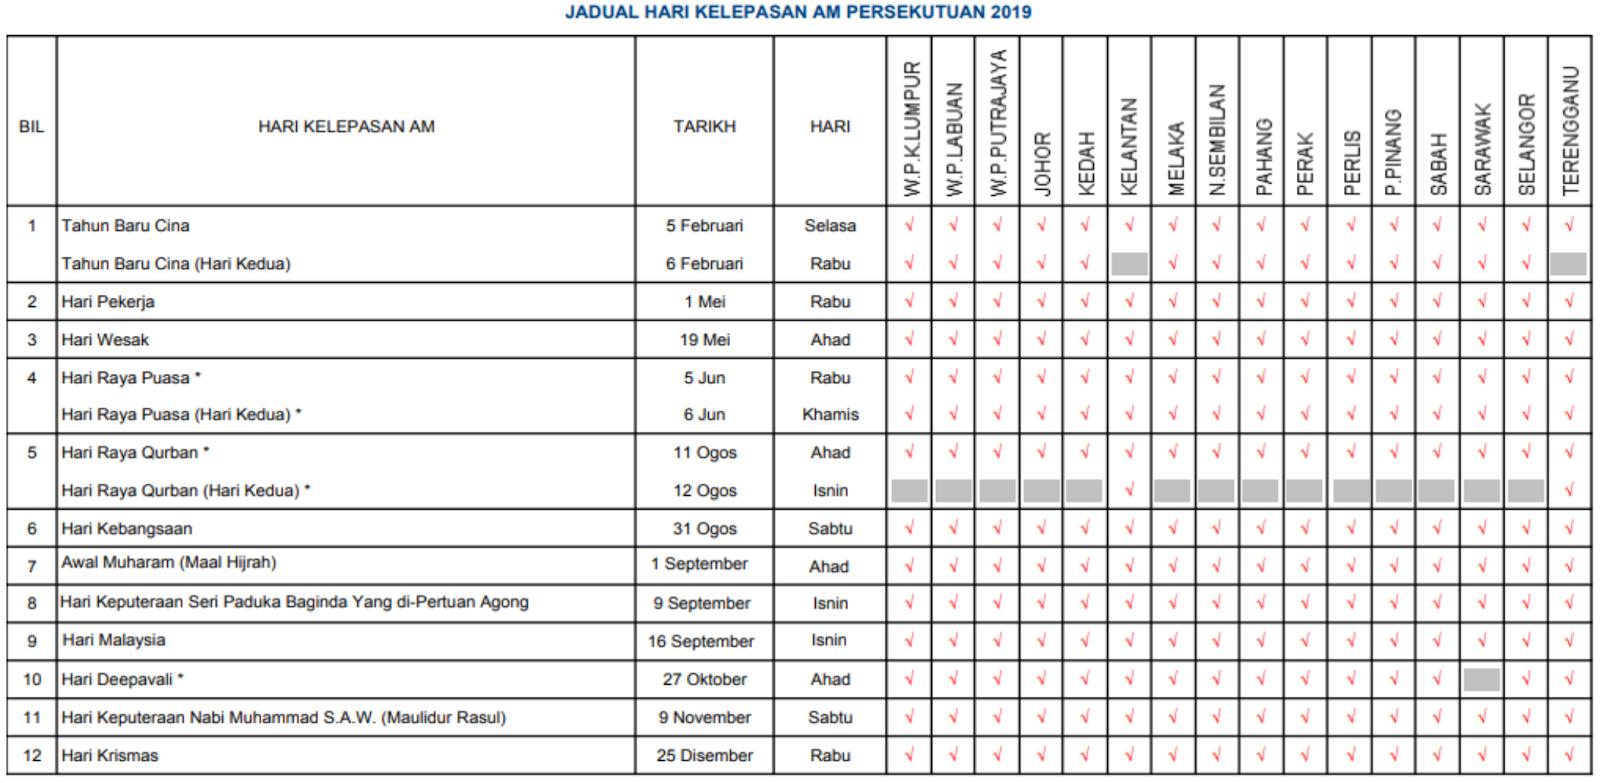 Malaysia Public Holidays 2019 Calendar Kalendar Cuti Umum Hari Kelepasan Am Malaysia Students